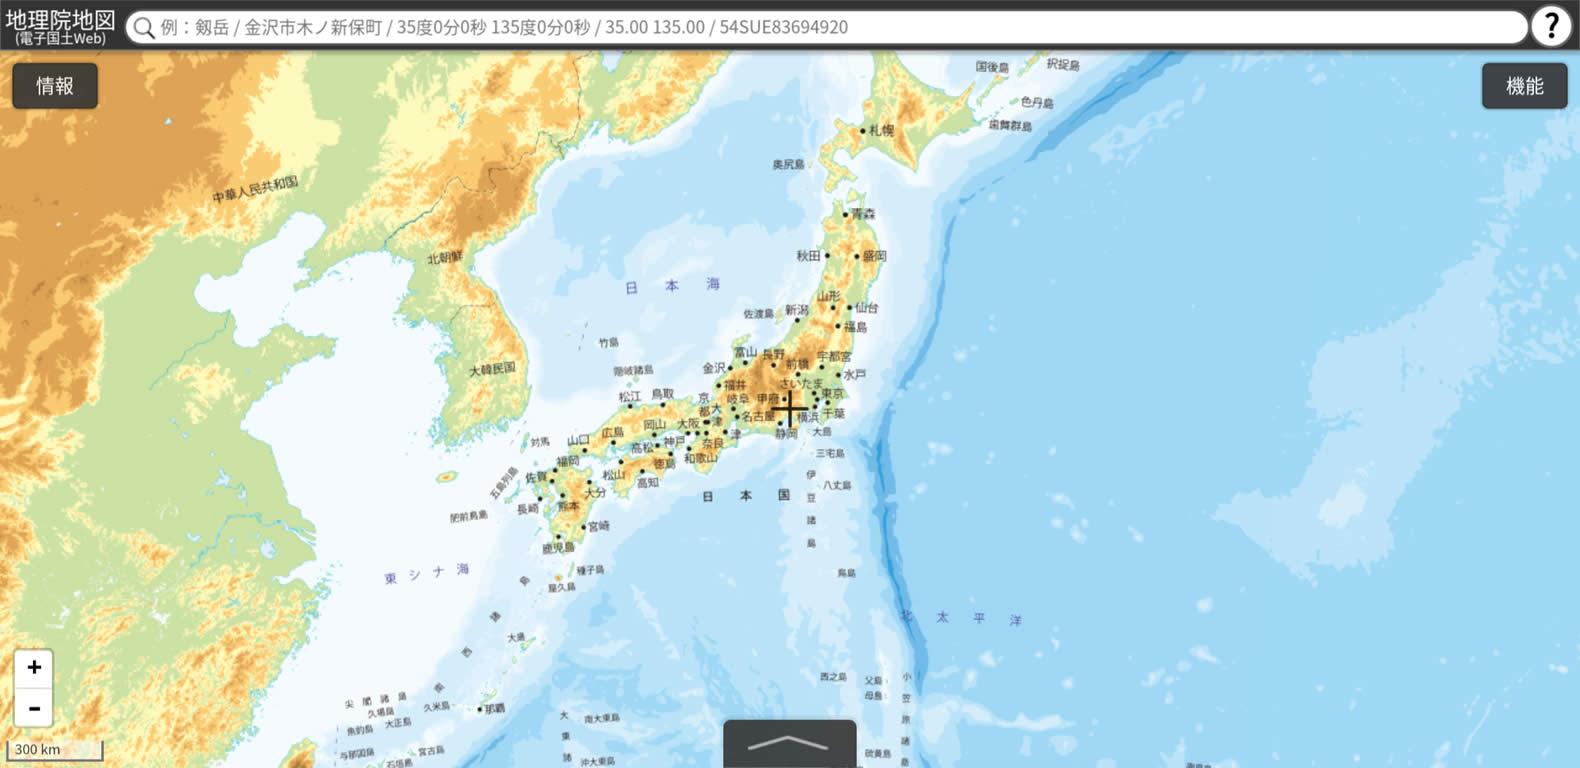 地理院地図トップページ